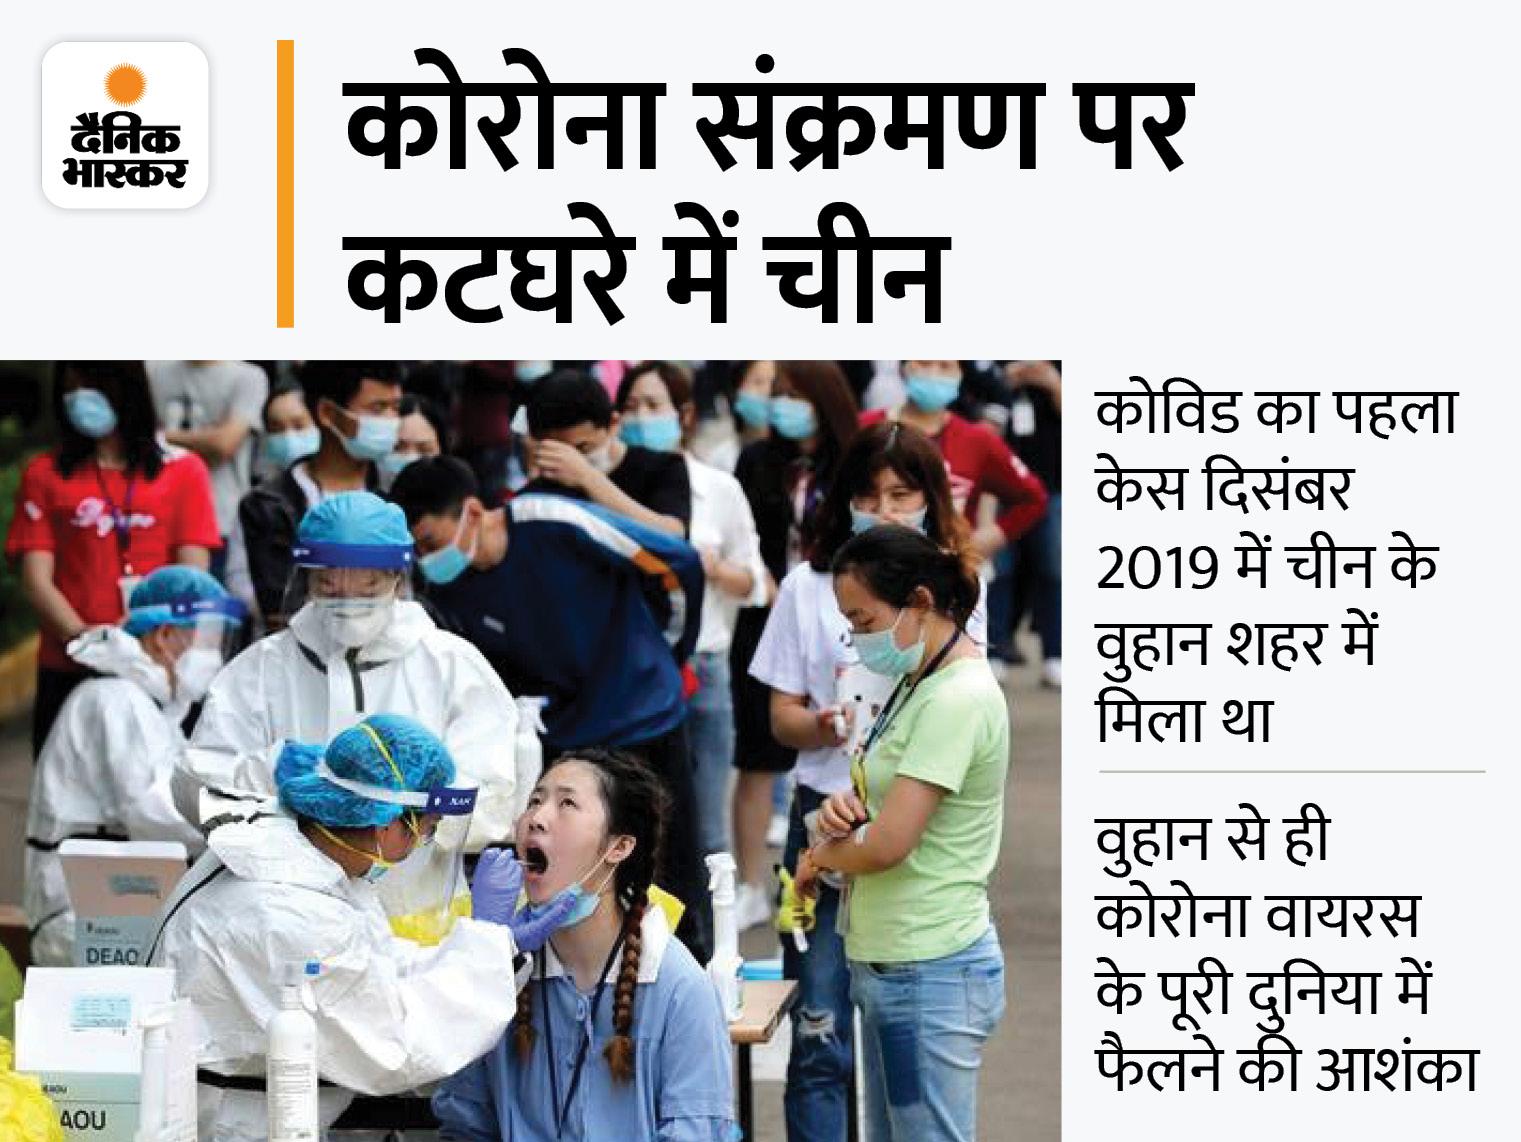 WHO के 26 एक्सपर्ट वुहान जाकर शुरुआती केसों को खंगालेंगे, कहा- ये आखिरी कोशिश हो सकती है|विदेश,International - Dainik Bhaskar